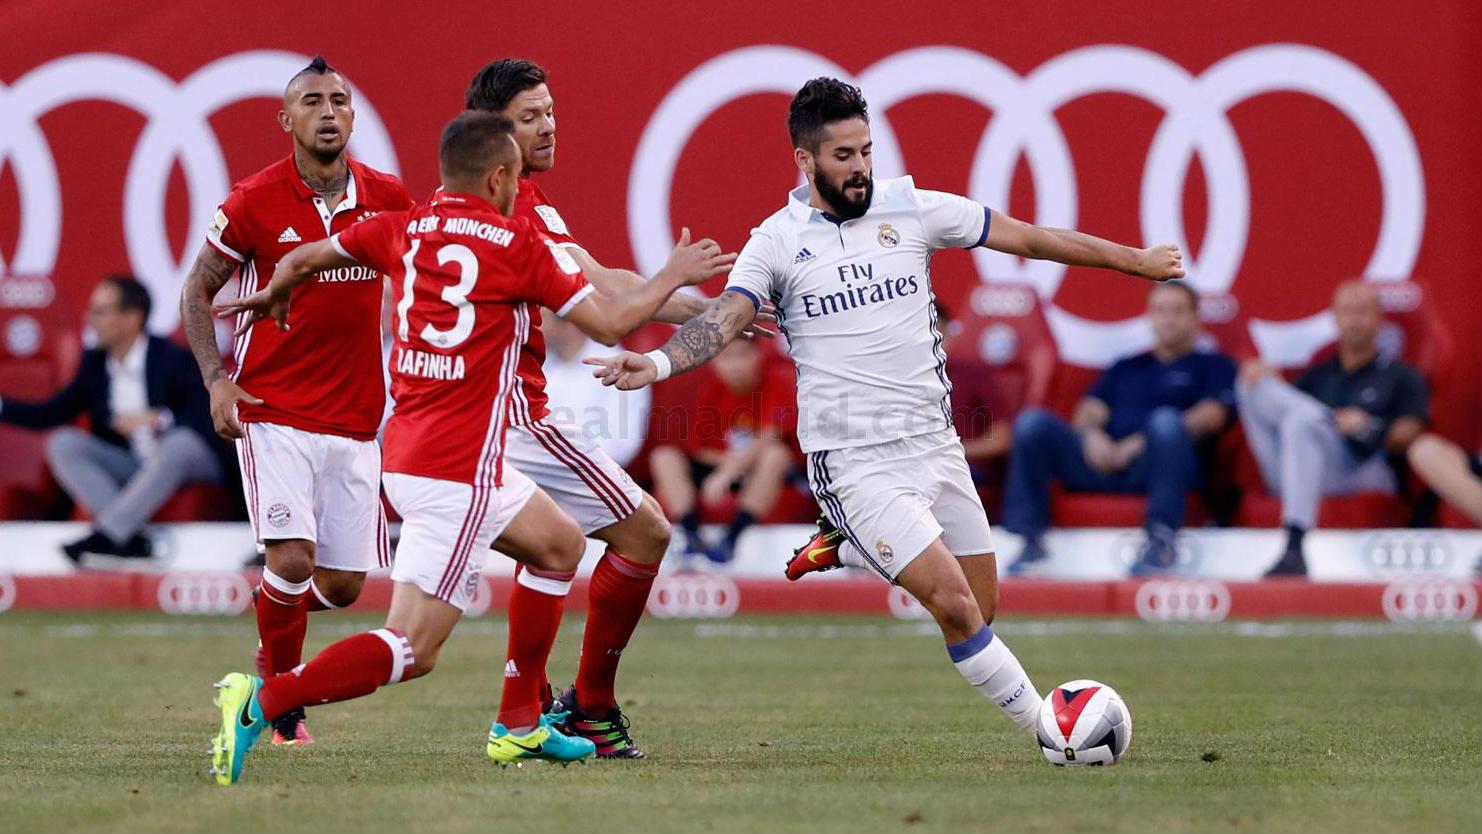 Isco conduce el balón ante Thiago y Xabi Alonso. (realmadrid.com)